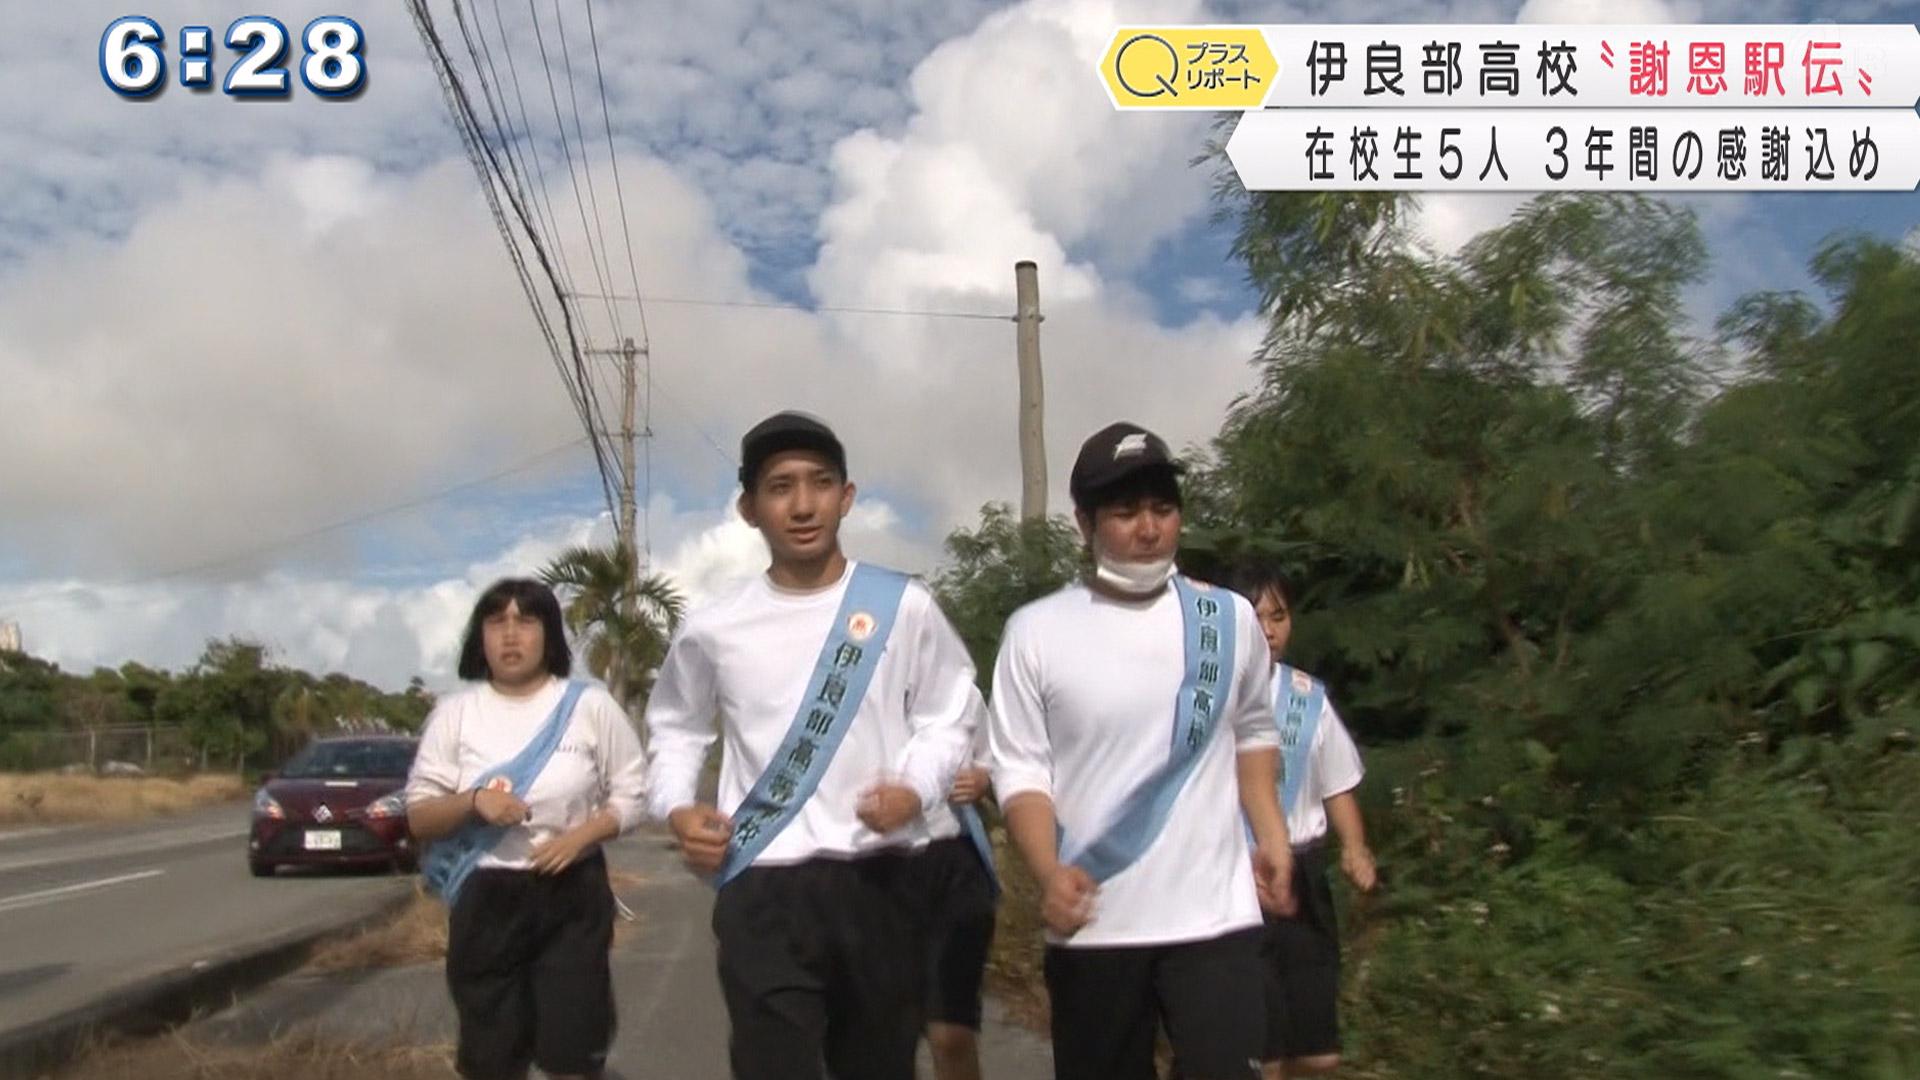 在校生5人の伊良部高校 タスキでつなぐ「感謝の気持ち」